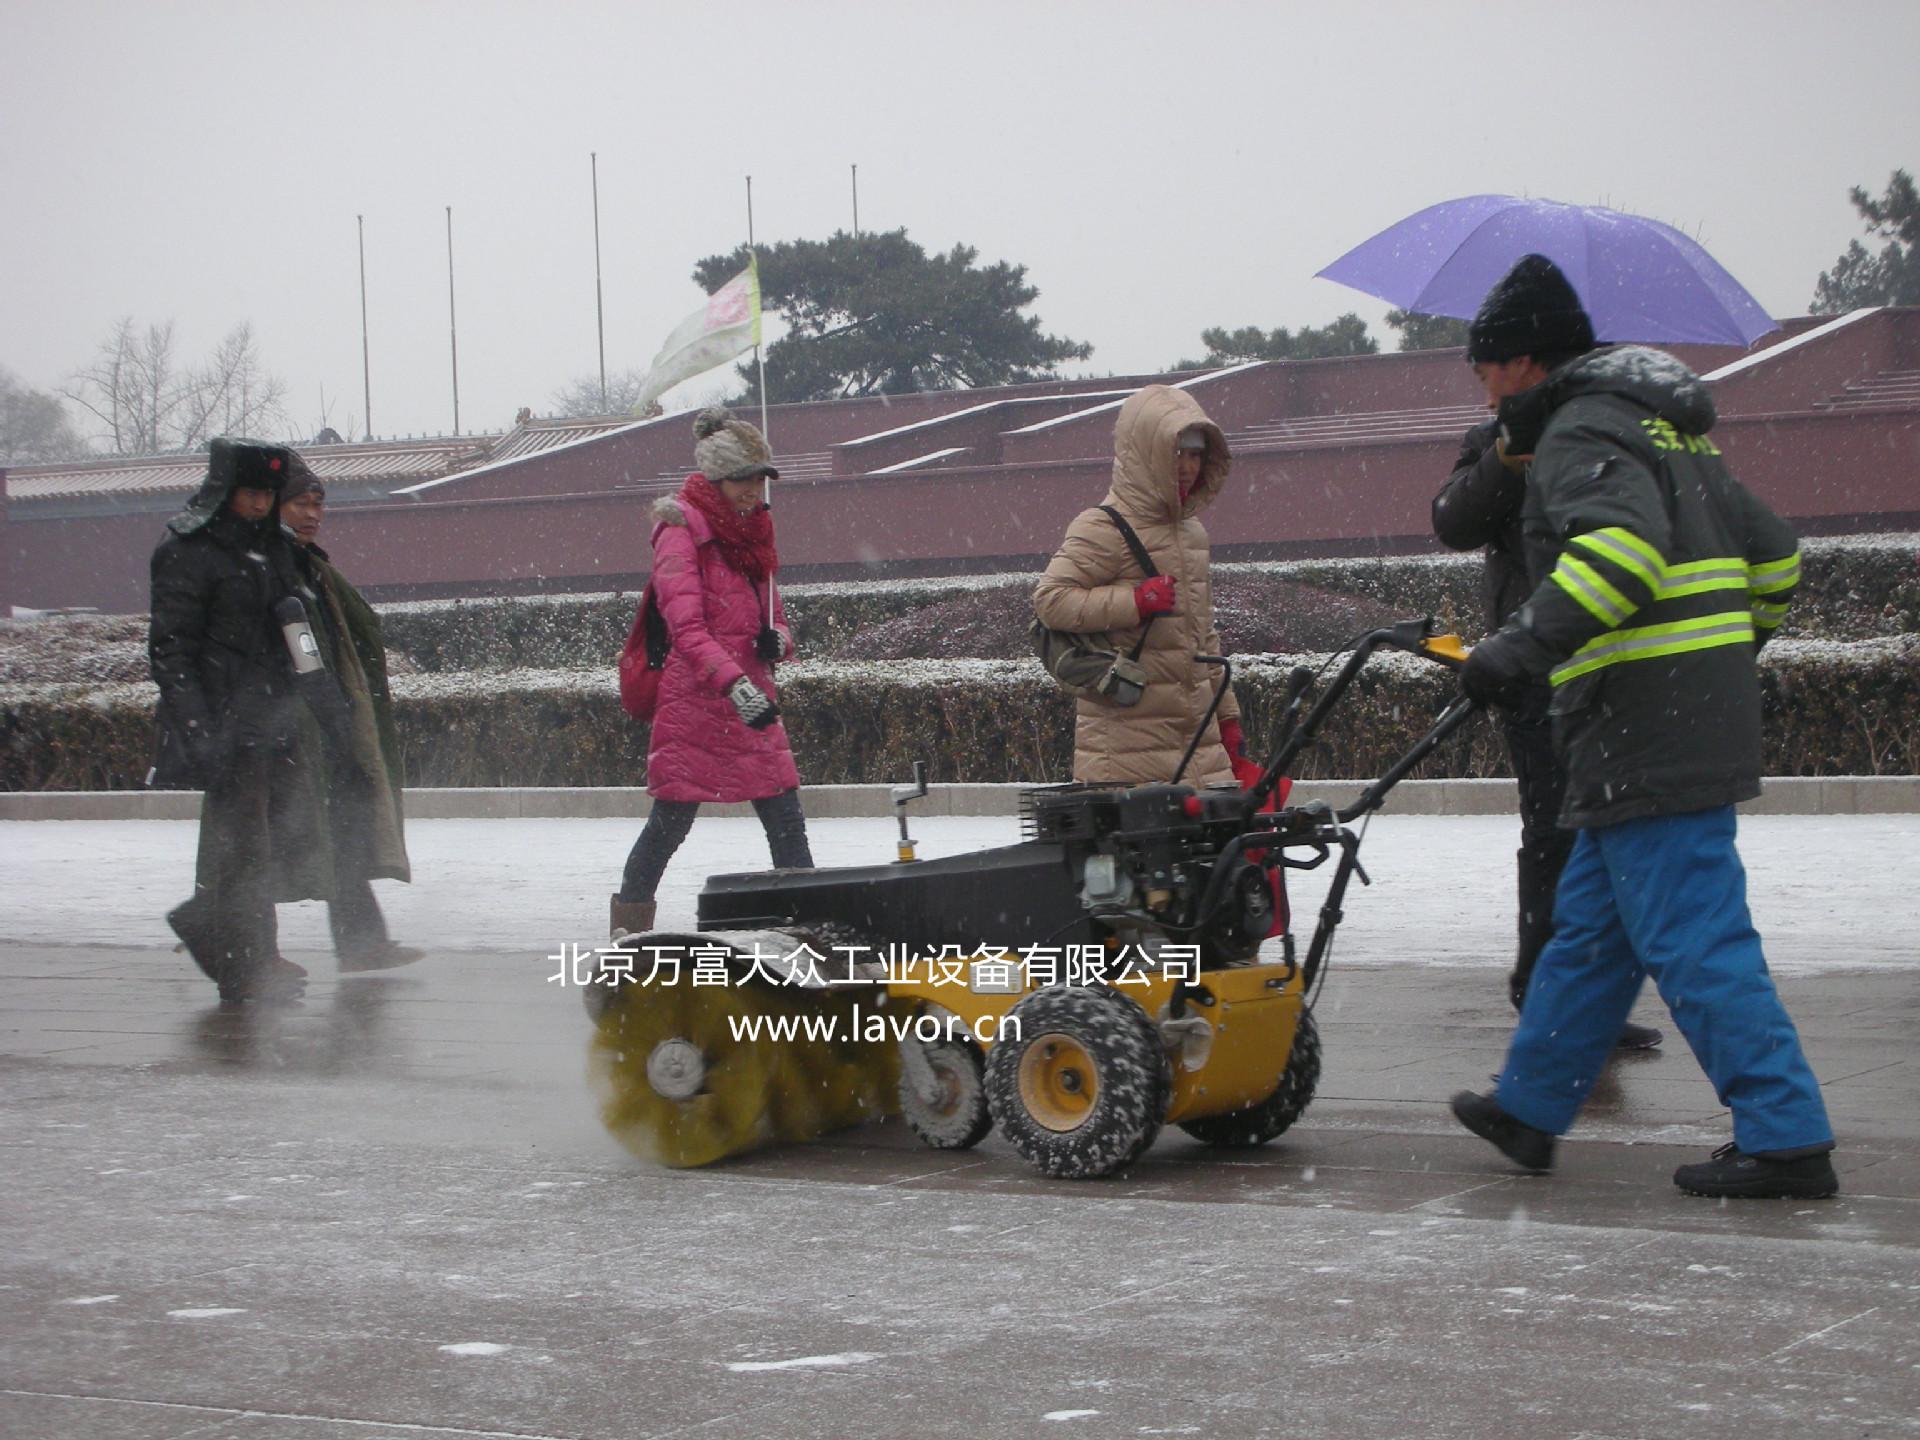 供应新款小型扫雪机 FH-65100马路扫雪机 北京小型扫雪机欢迎订购示例图4